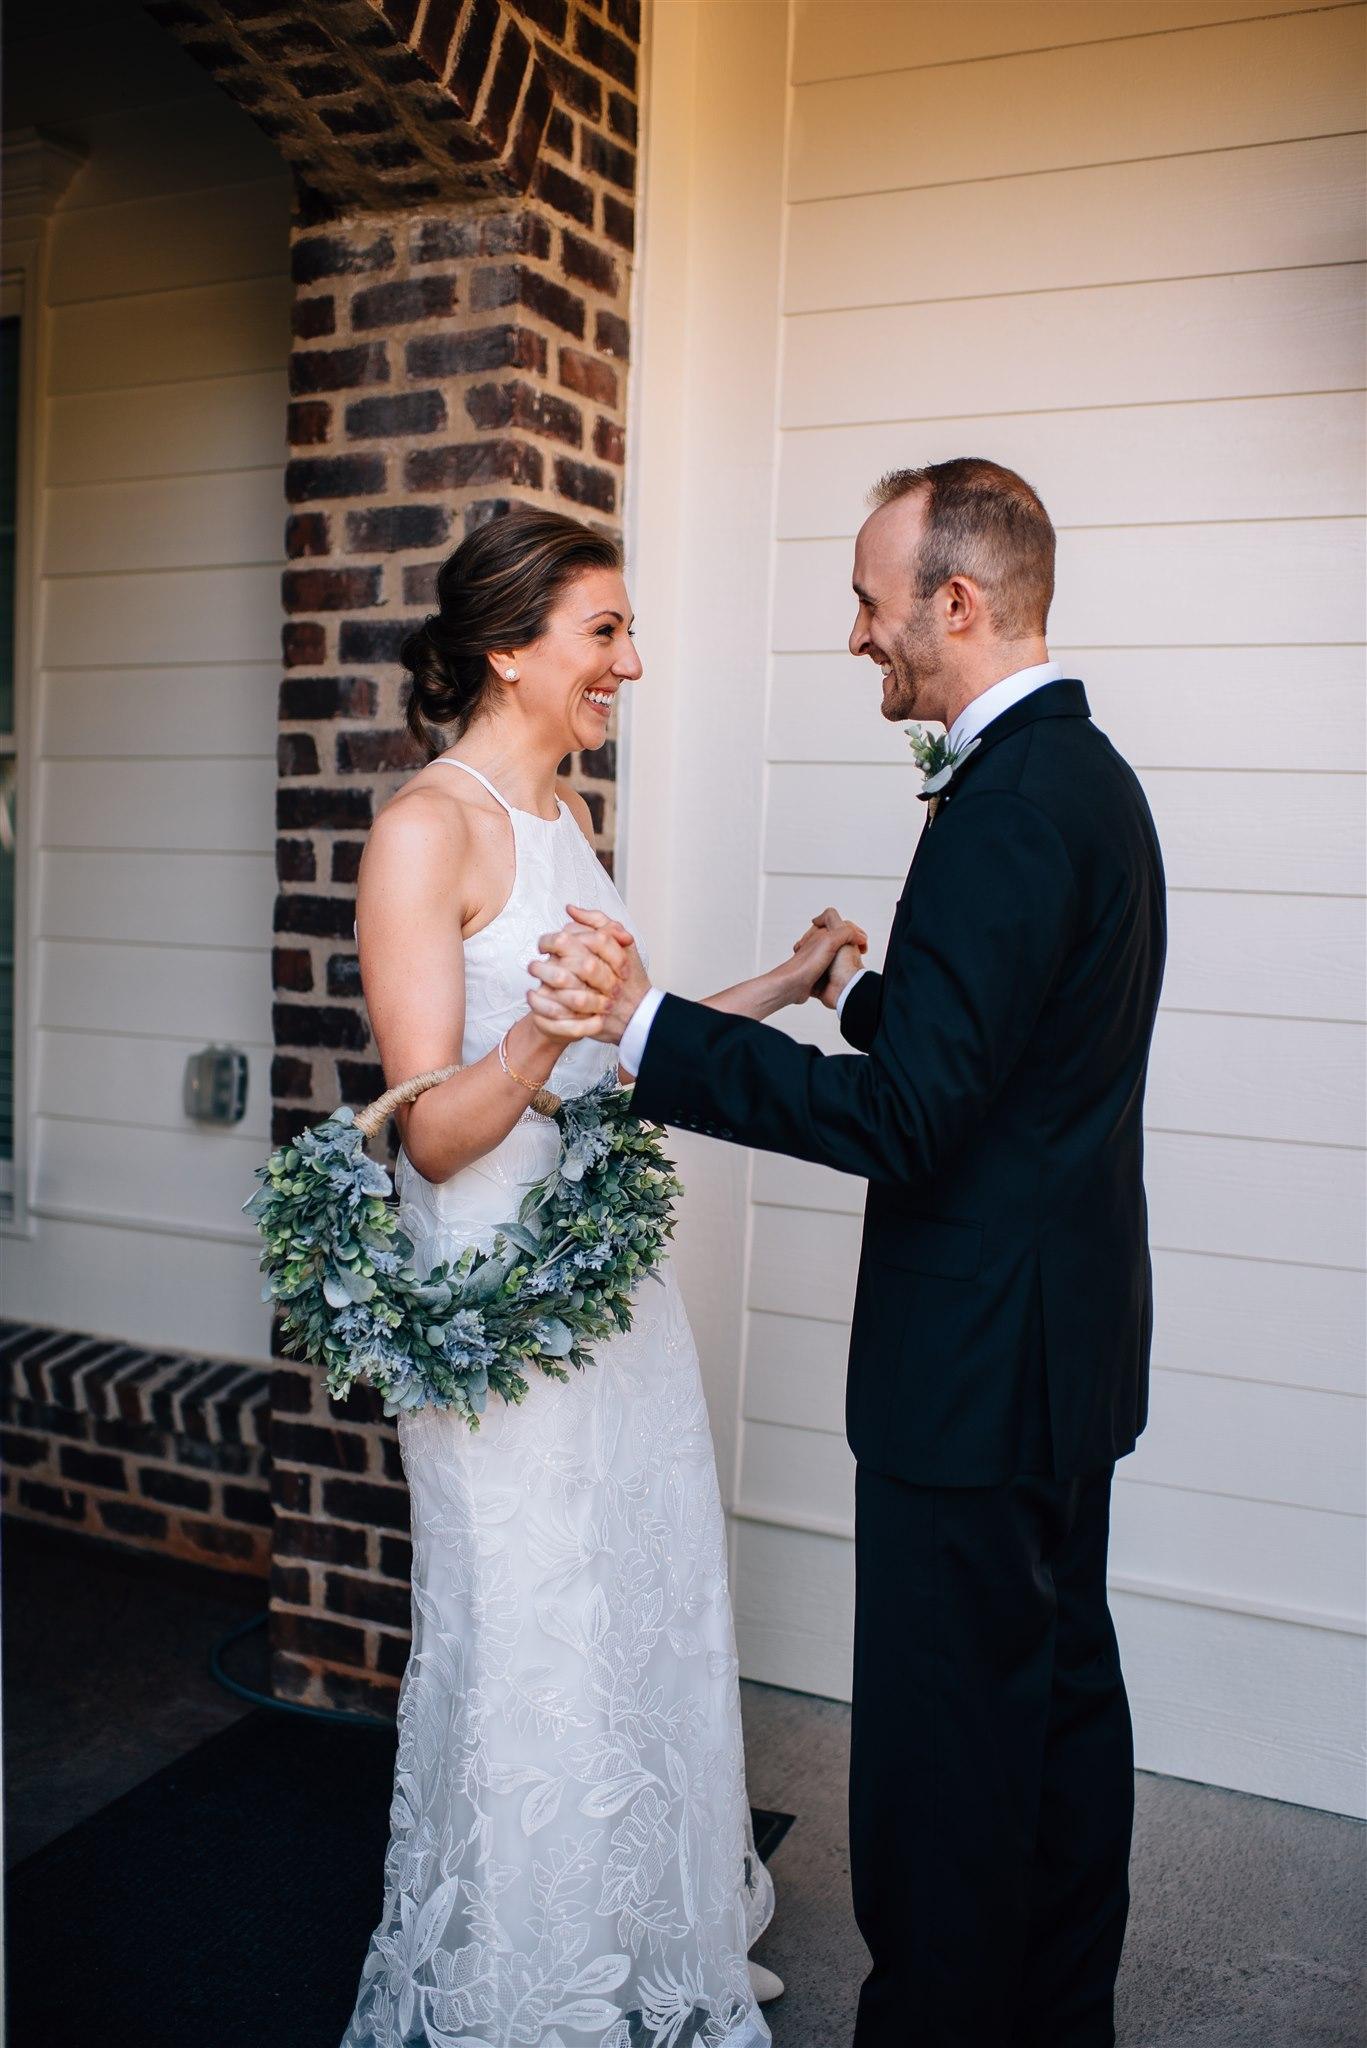 north carolina elopement photographer - north carolina wedding photographer - raleigh wedding photographer - oaks at salem elopement